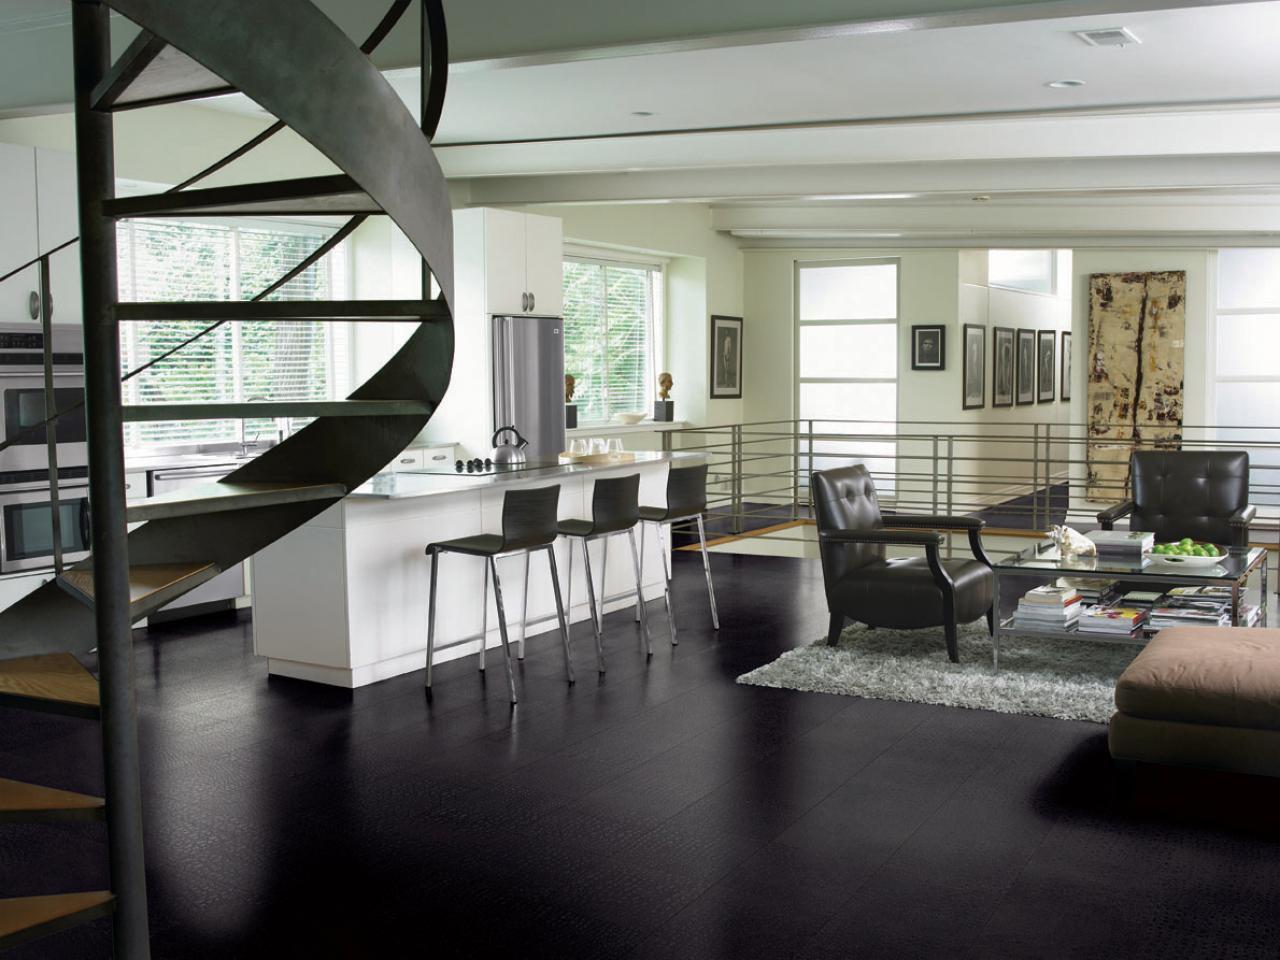 awesome original the modern black hardwood tile floor designs for kitchens f improf 1280x960